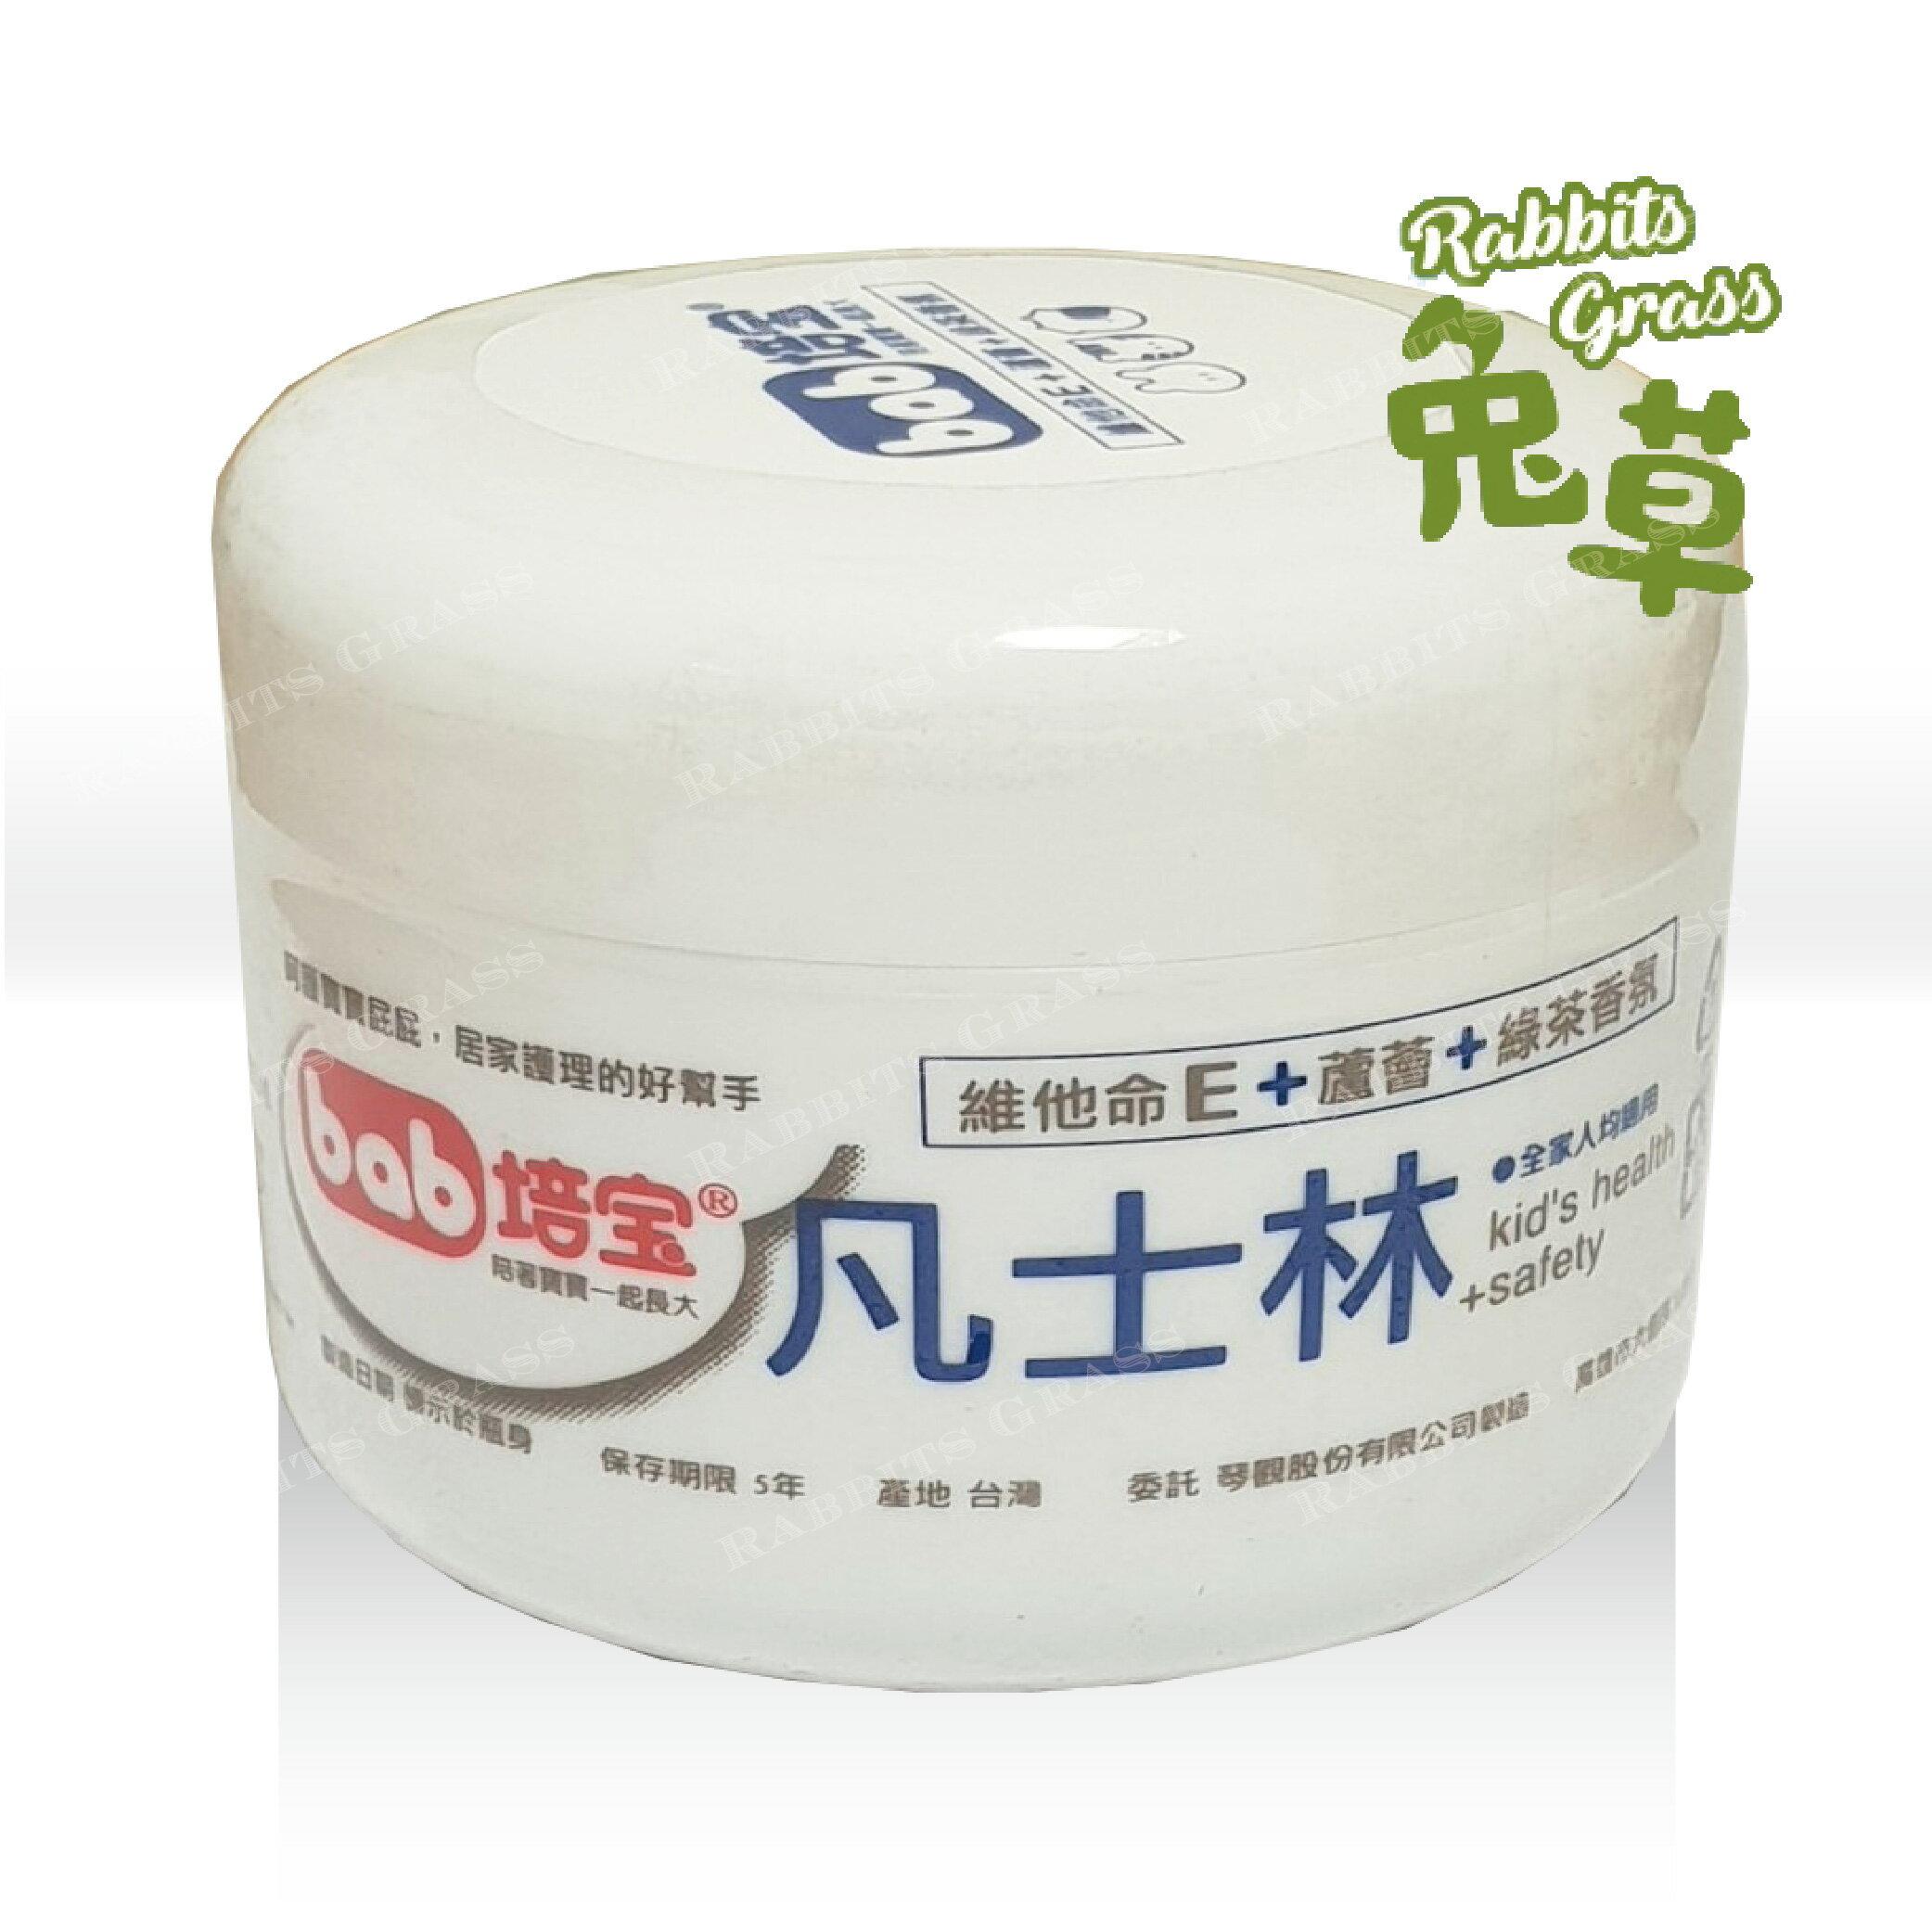 培寶 凡士林 50g#維他命E+蘆薈+綠茶香氛 bab